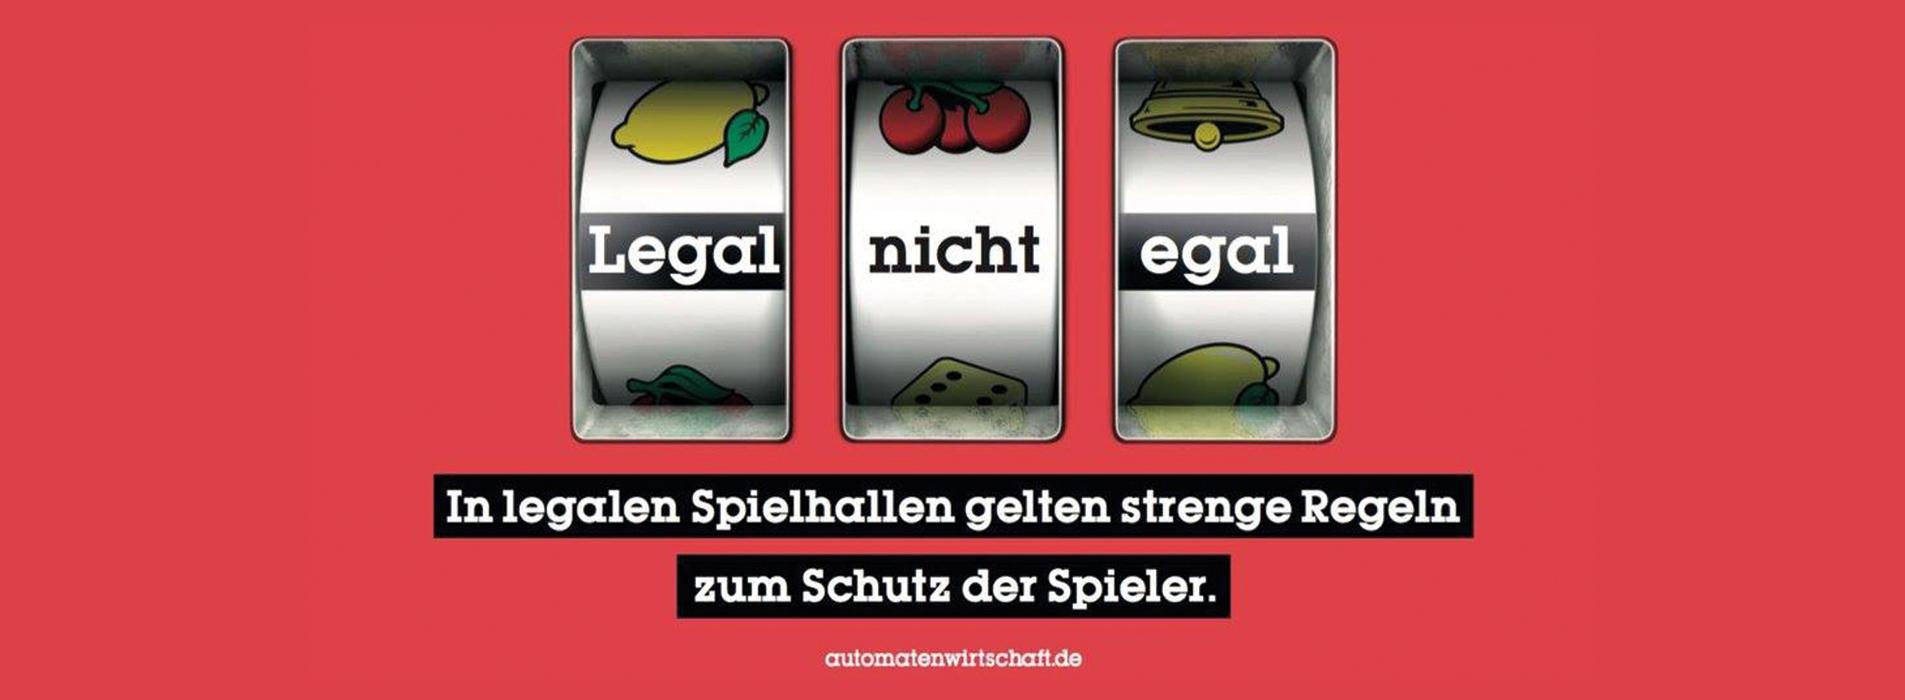 spielothek-nogly-legal-nicht-egal